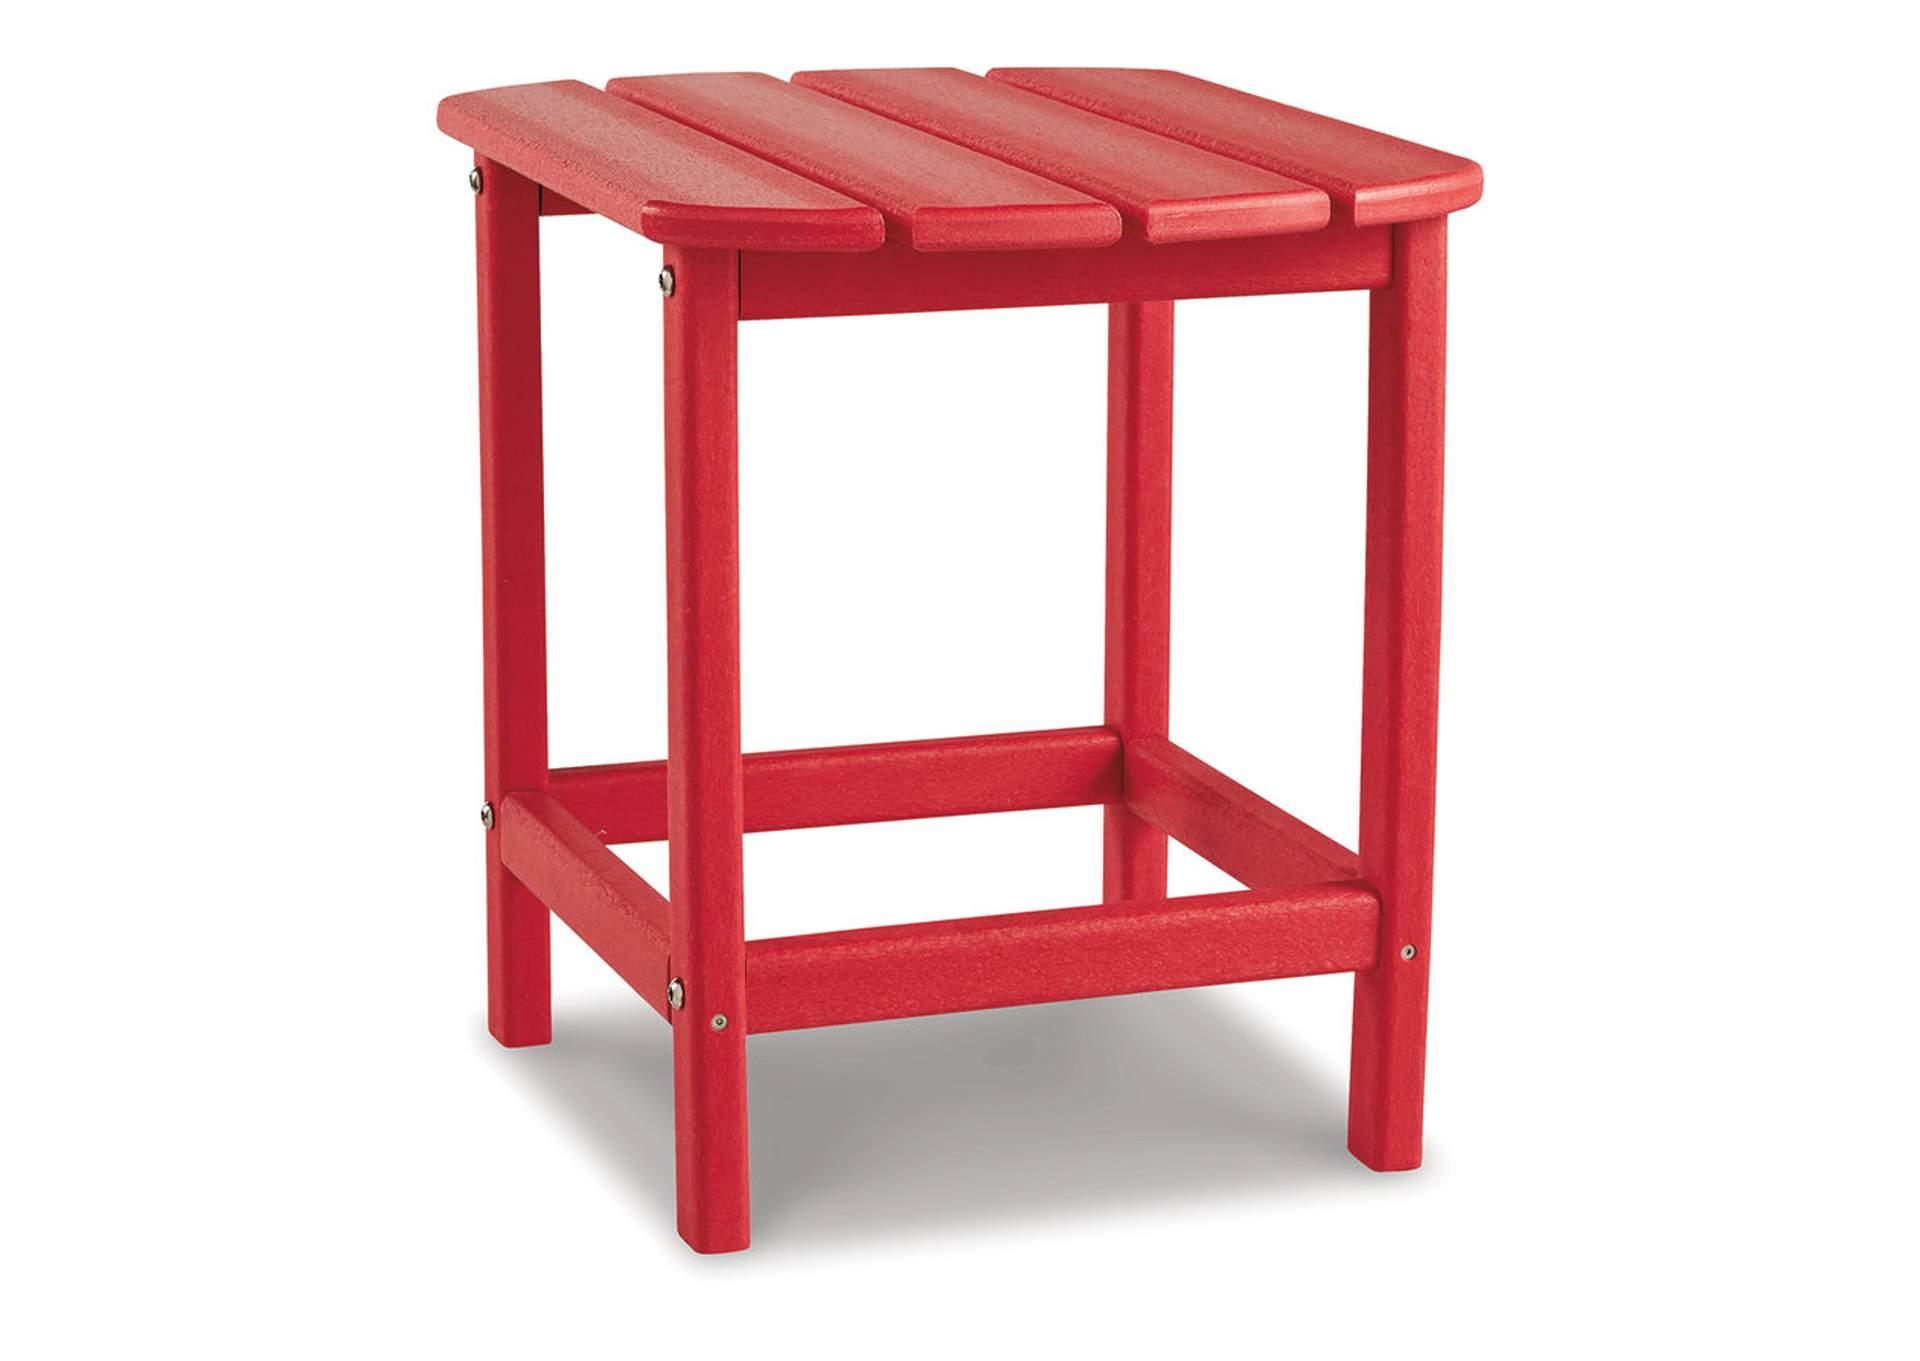 Sundown Treasure Red End Table